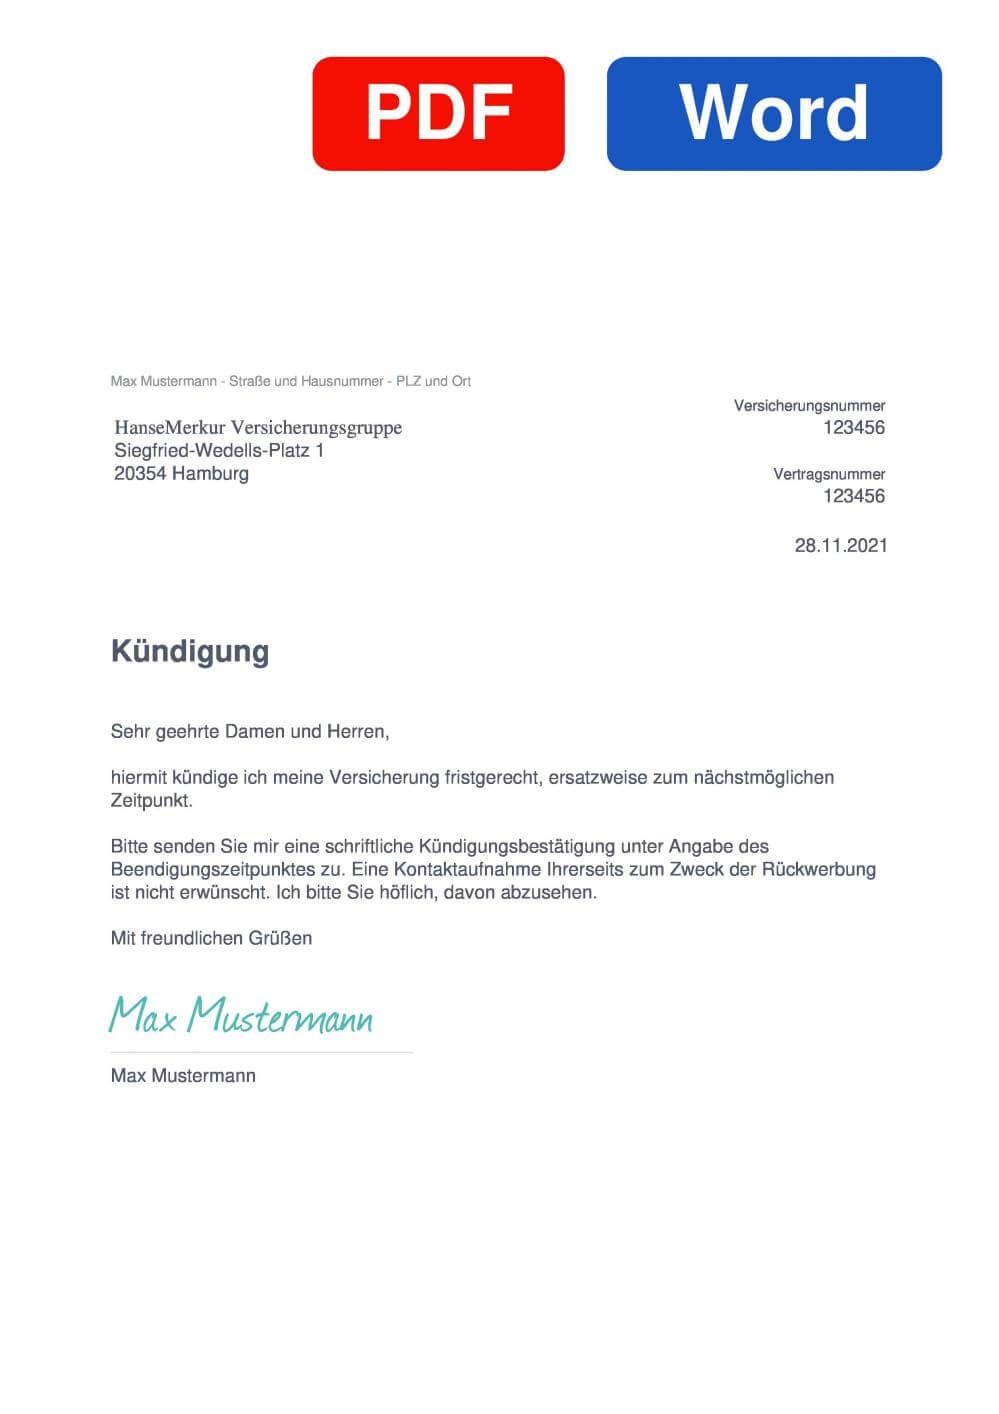 Hansemerkur Versicherung Muster Vorlage für Kündigungsschreiben